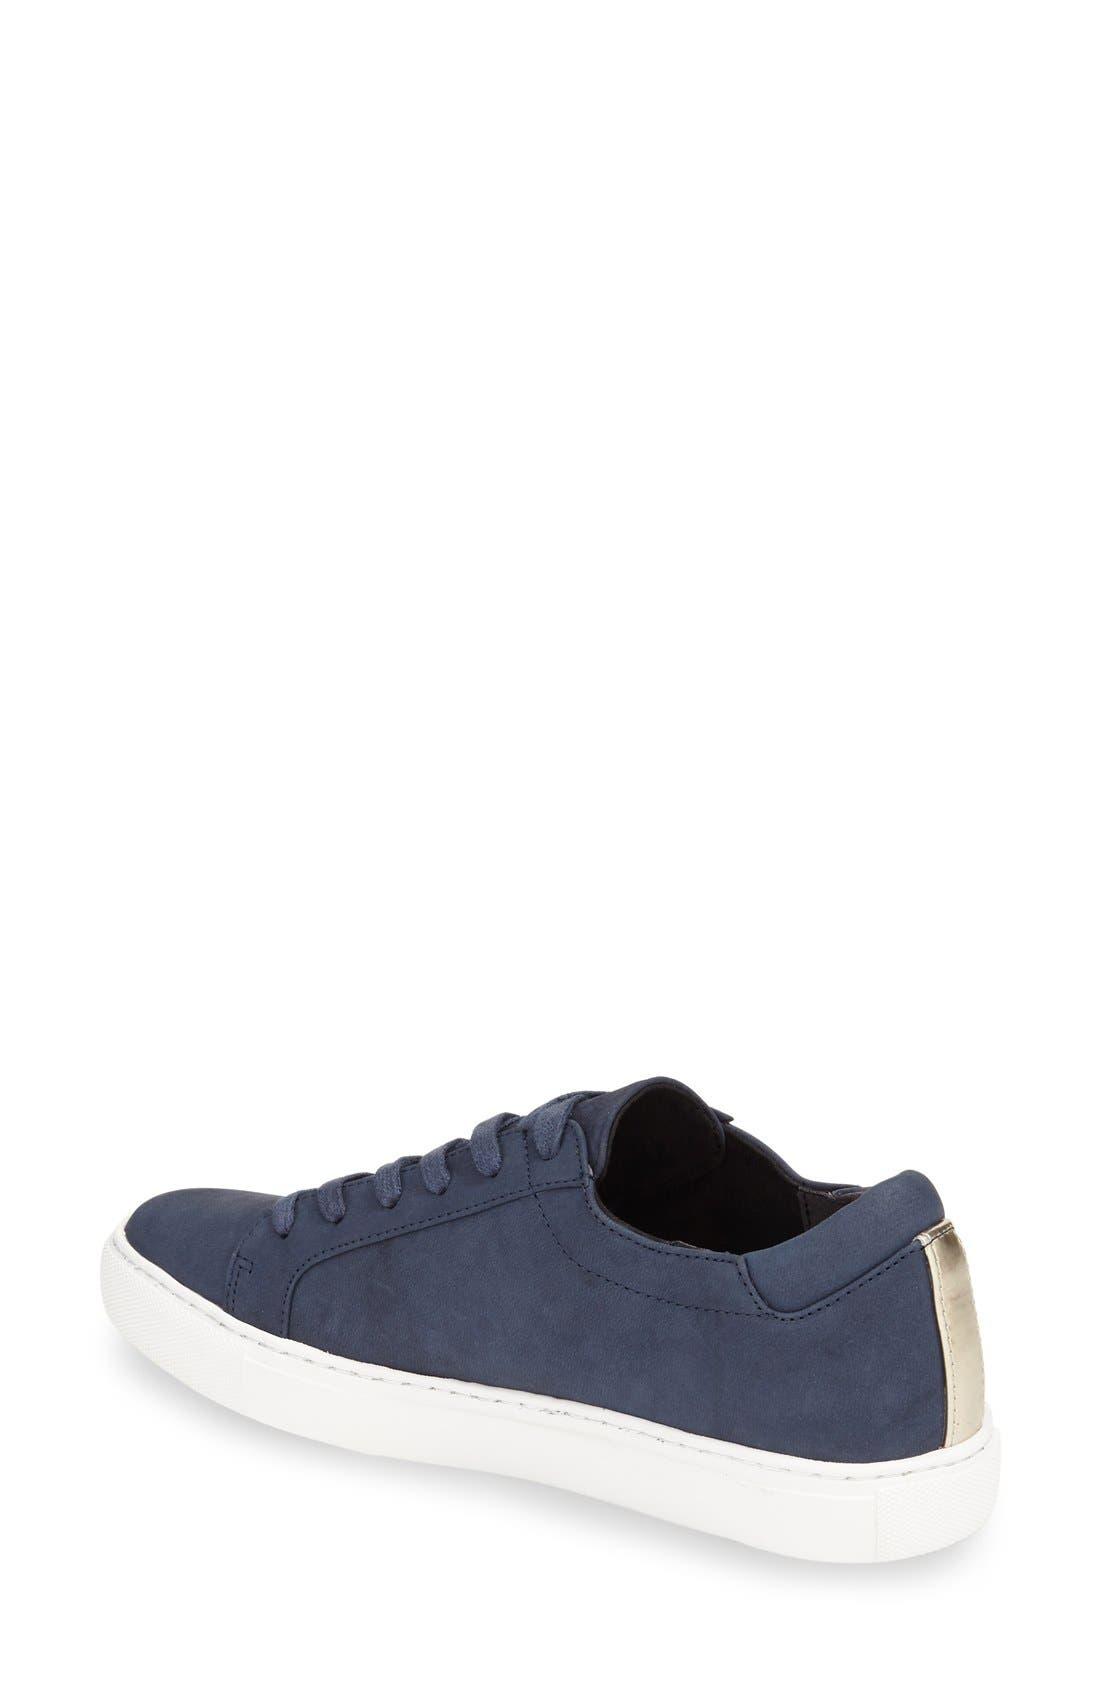 'Kam' Sneaker,                             Alternate thumbnail 8, color,